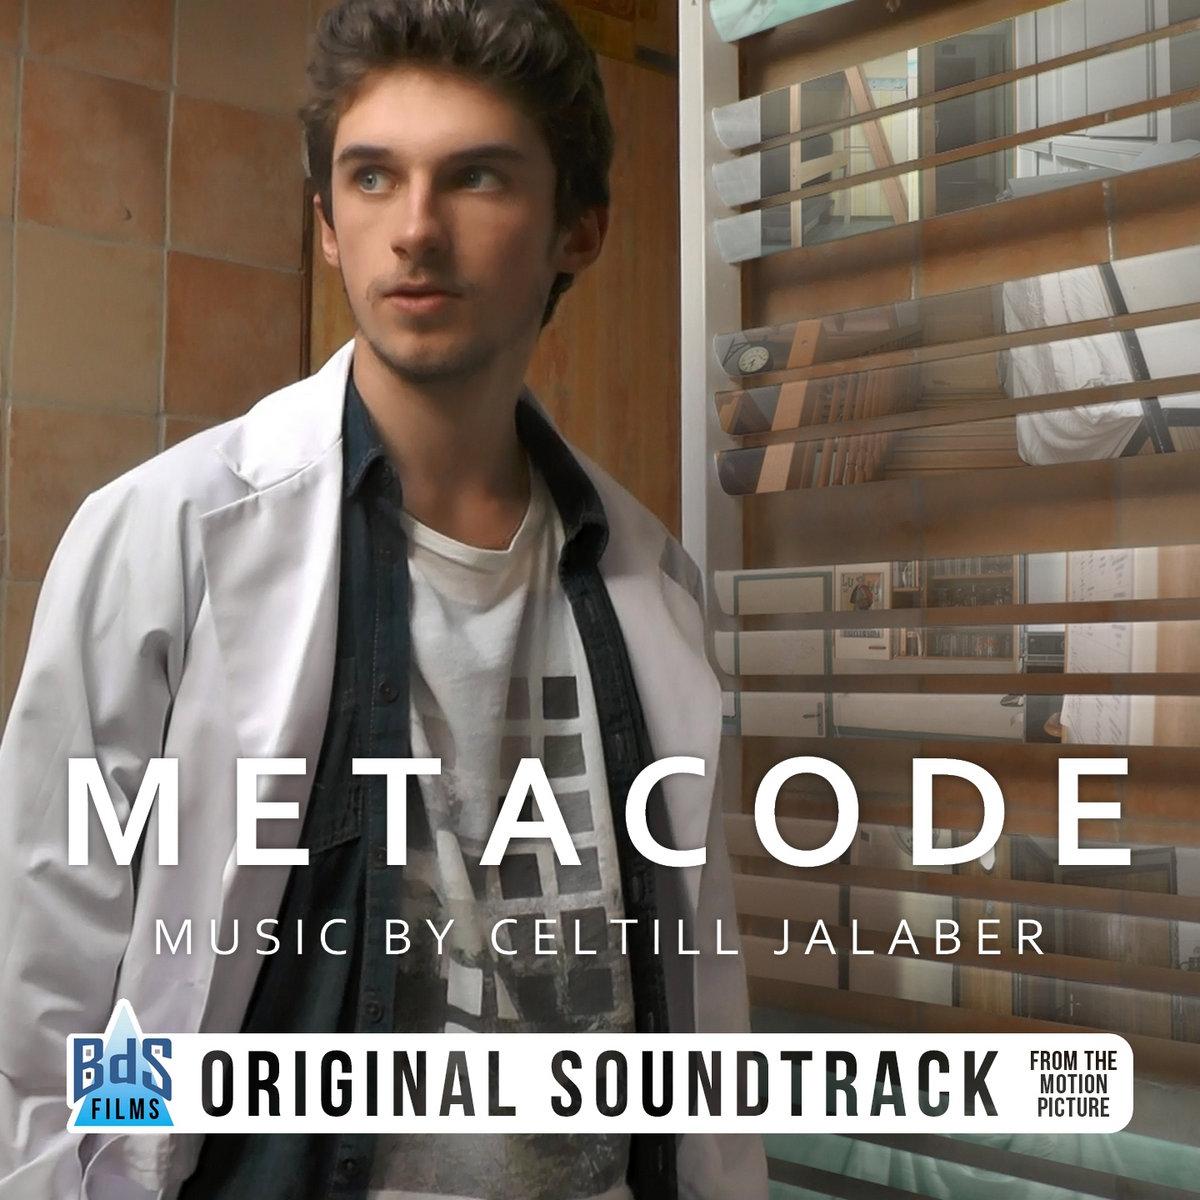 Metacode